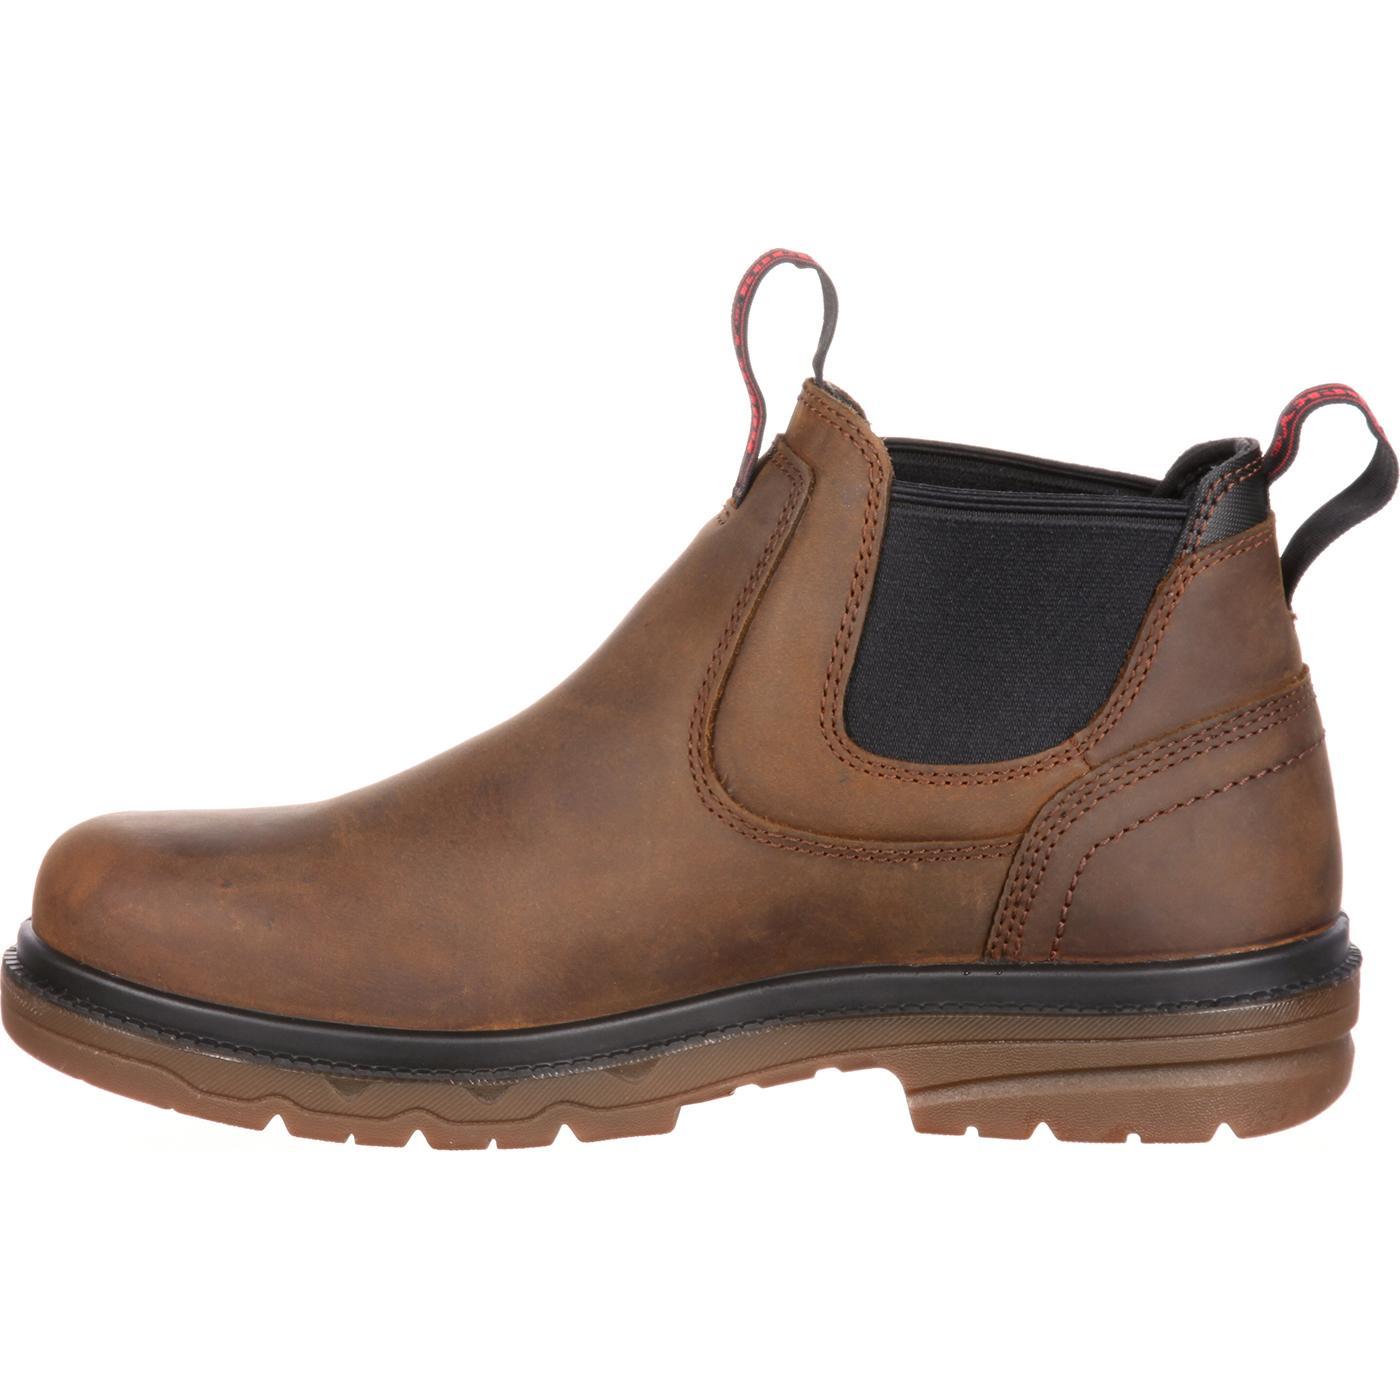 03a9b669b87 Rocky Elements Shale Steel Toe Waterproof Romeo Work Boot